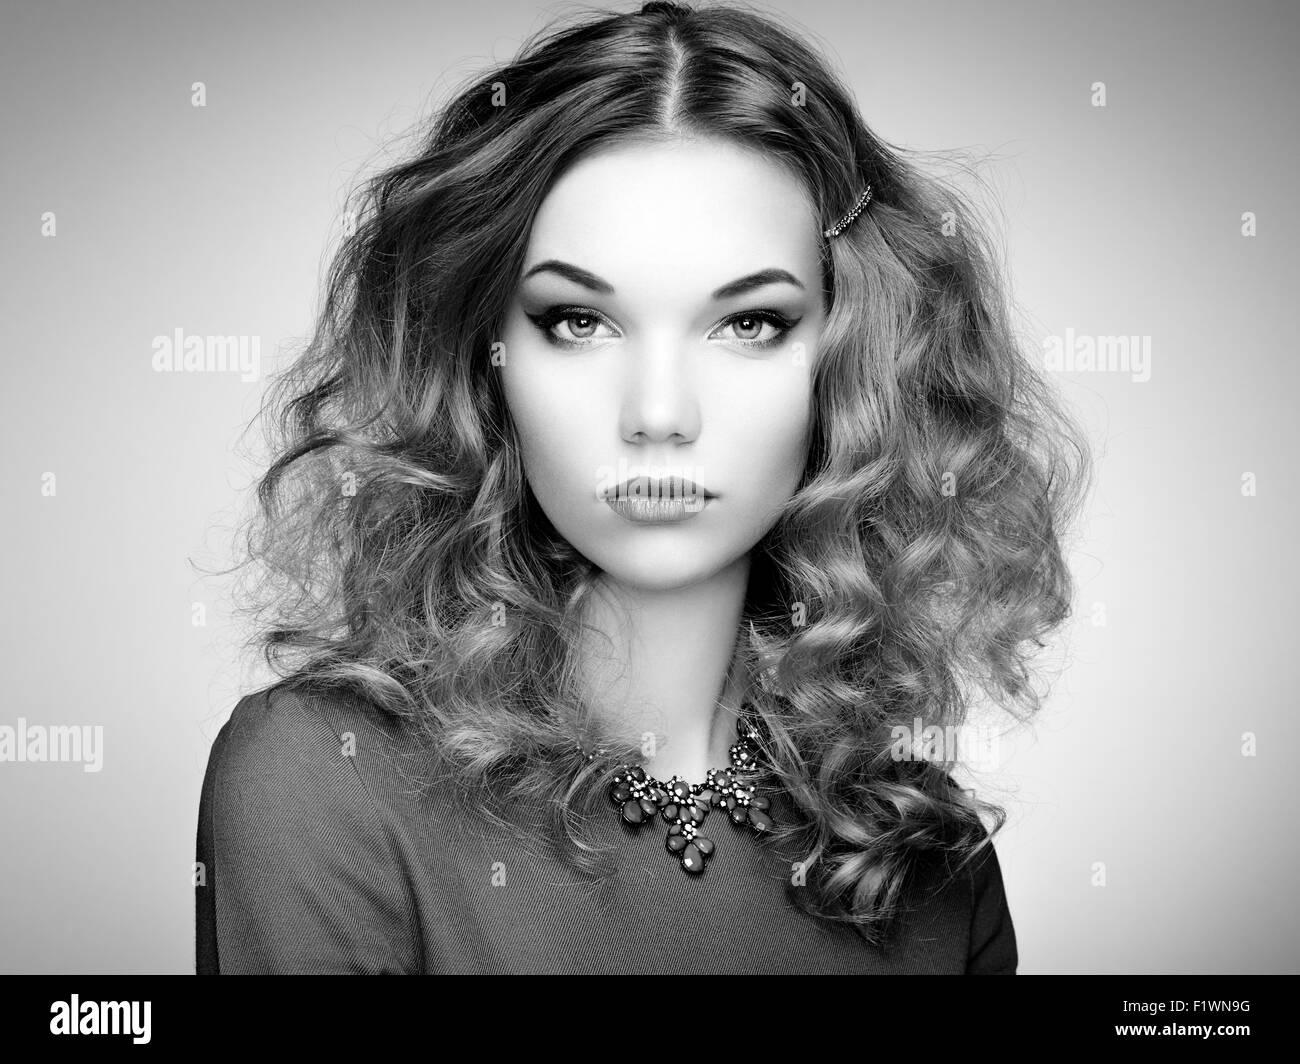 Moda ritratto di donna elegante con magnifici capelli. Ragazza bionda.  Perfetto per il make-up. In bianco e nero 881266868e76